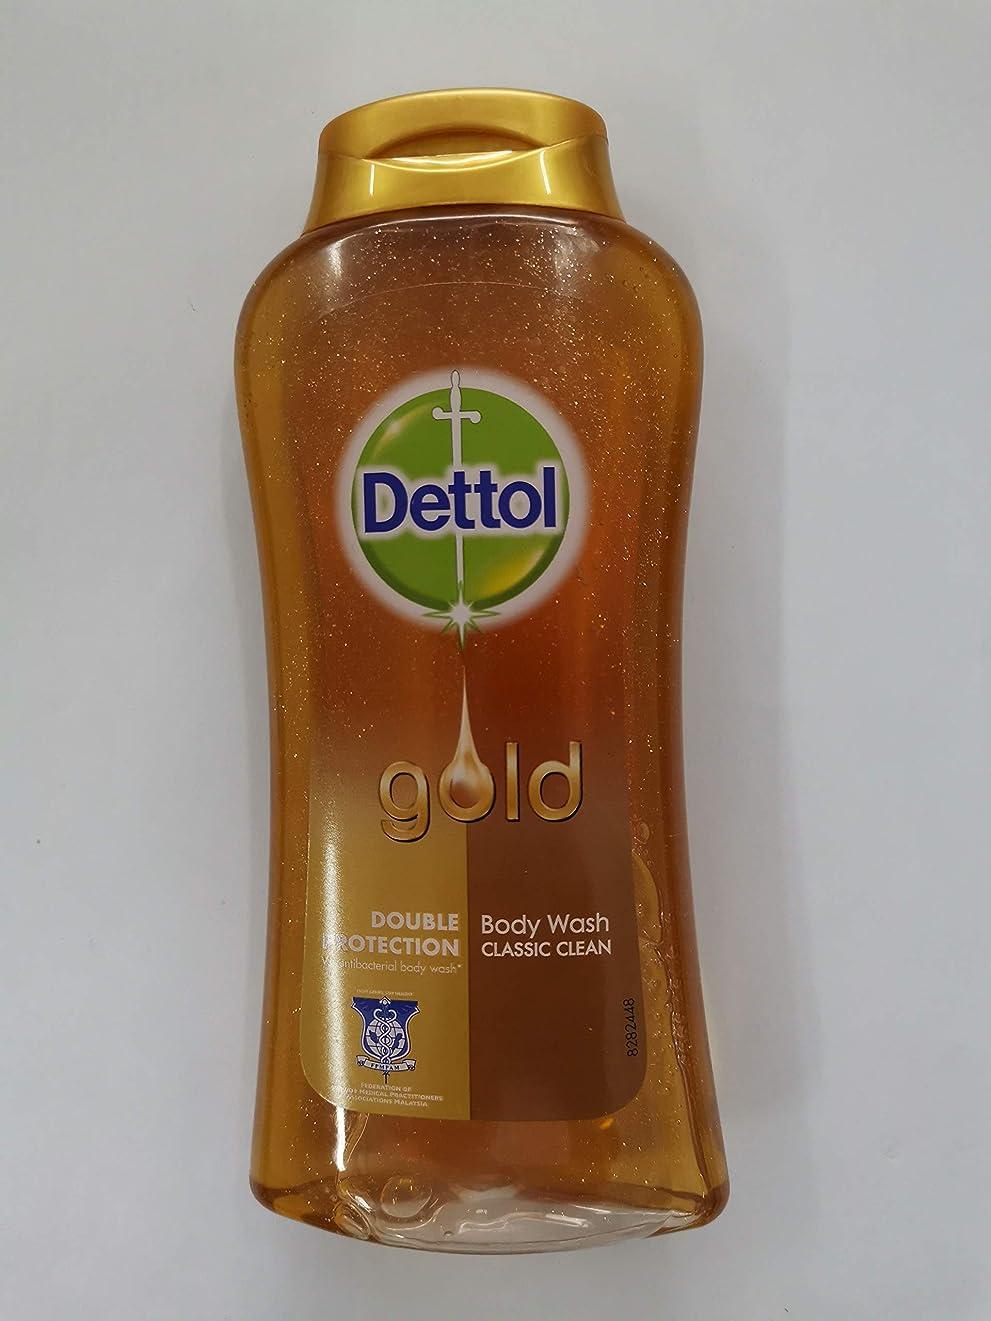 みぞれ優雅なポルノDettol クラシッククリーンボディローション250ミリリットル - 細菌非食用風呂-kills 99.9% - 毎日の細菌を防ぎます